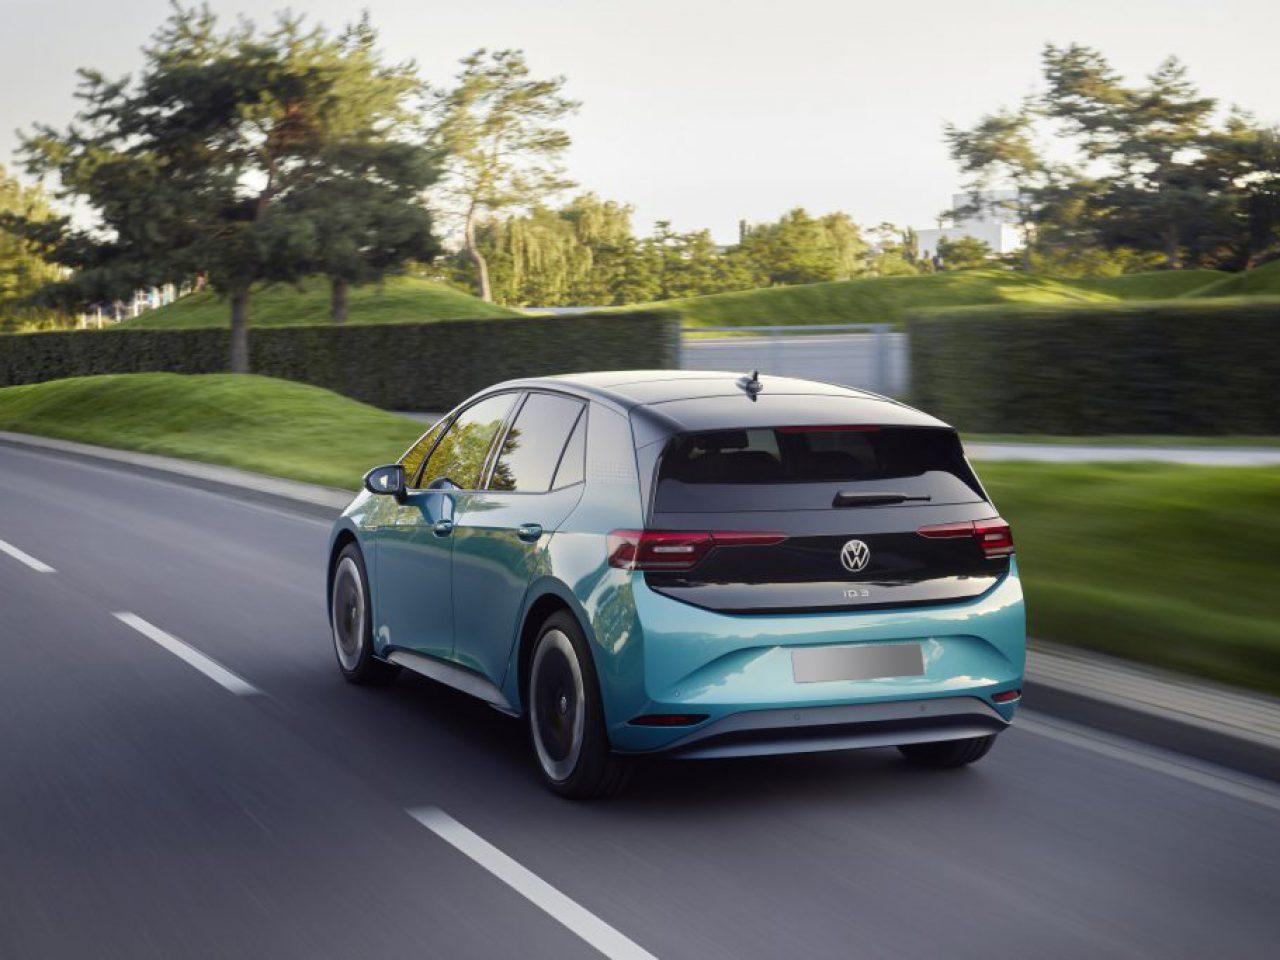 Milieubewust rijden